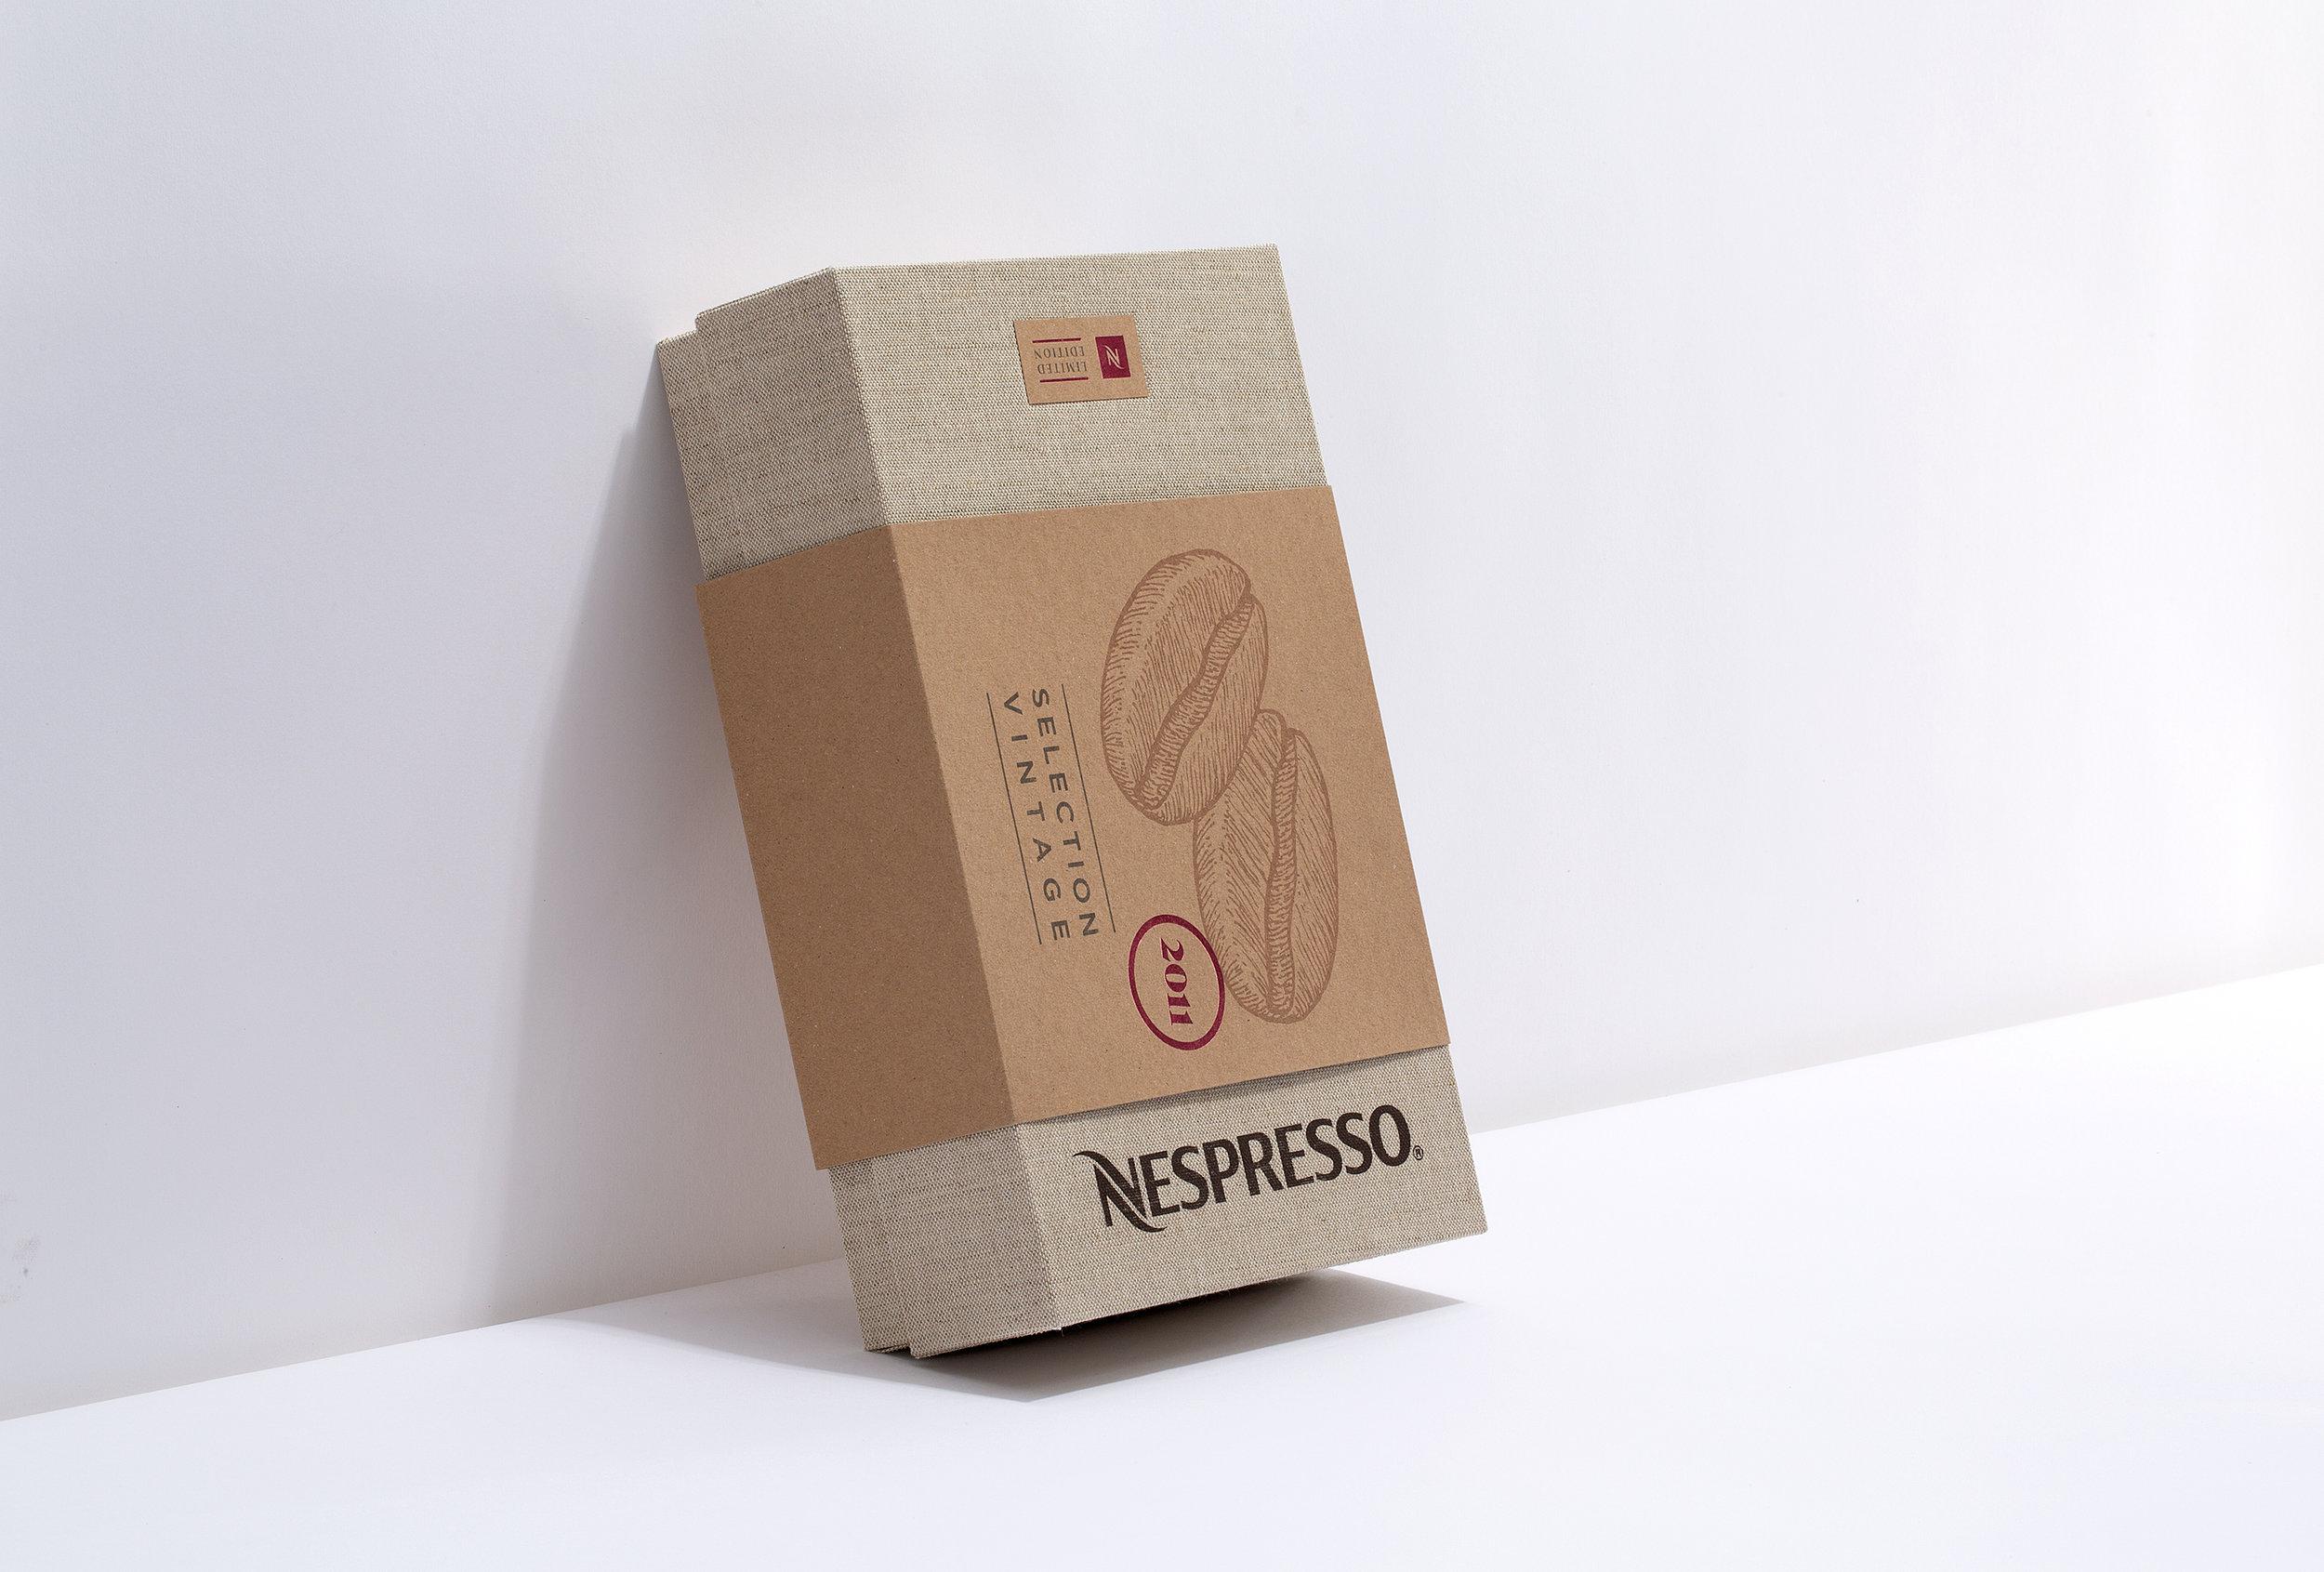 nespresso_V_B09C4339_3000x2000.jpg